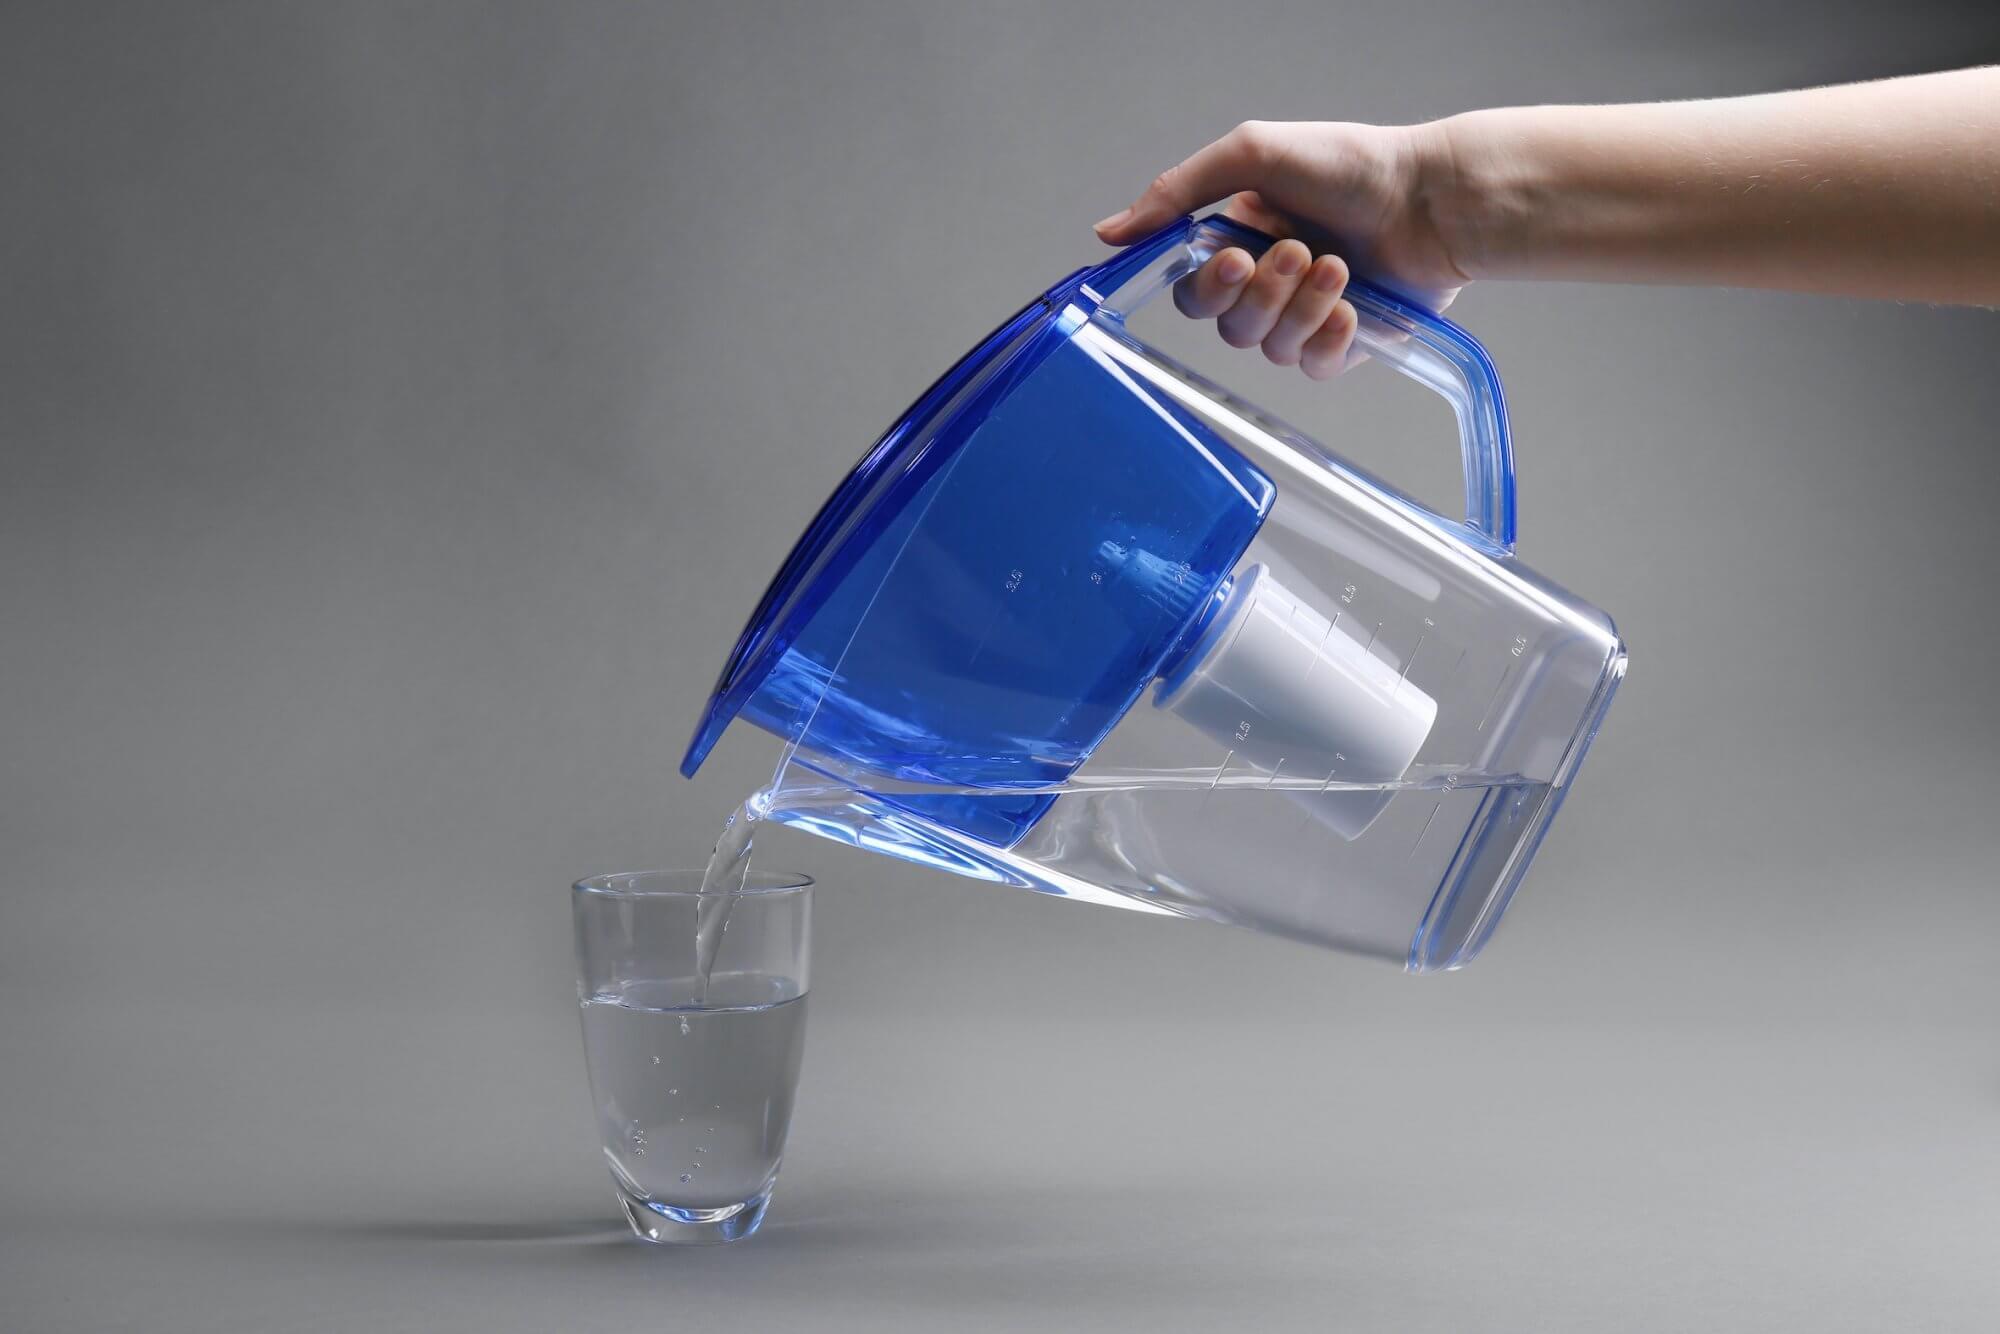 L'eau d'une carafe filtrante est versée dans un verre